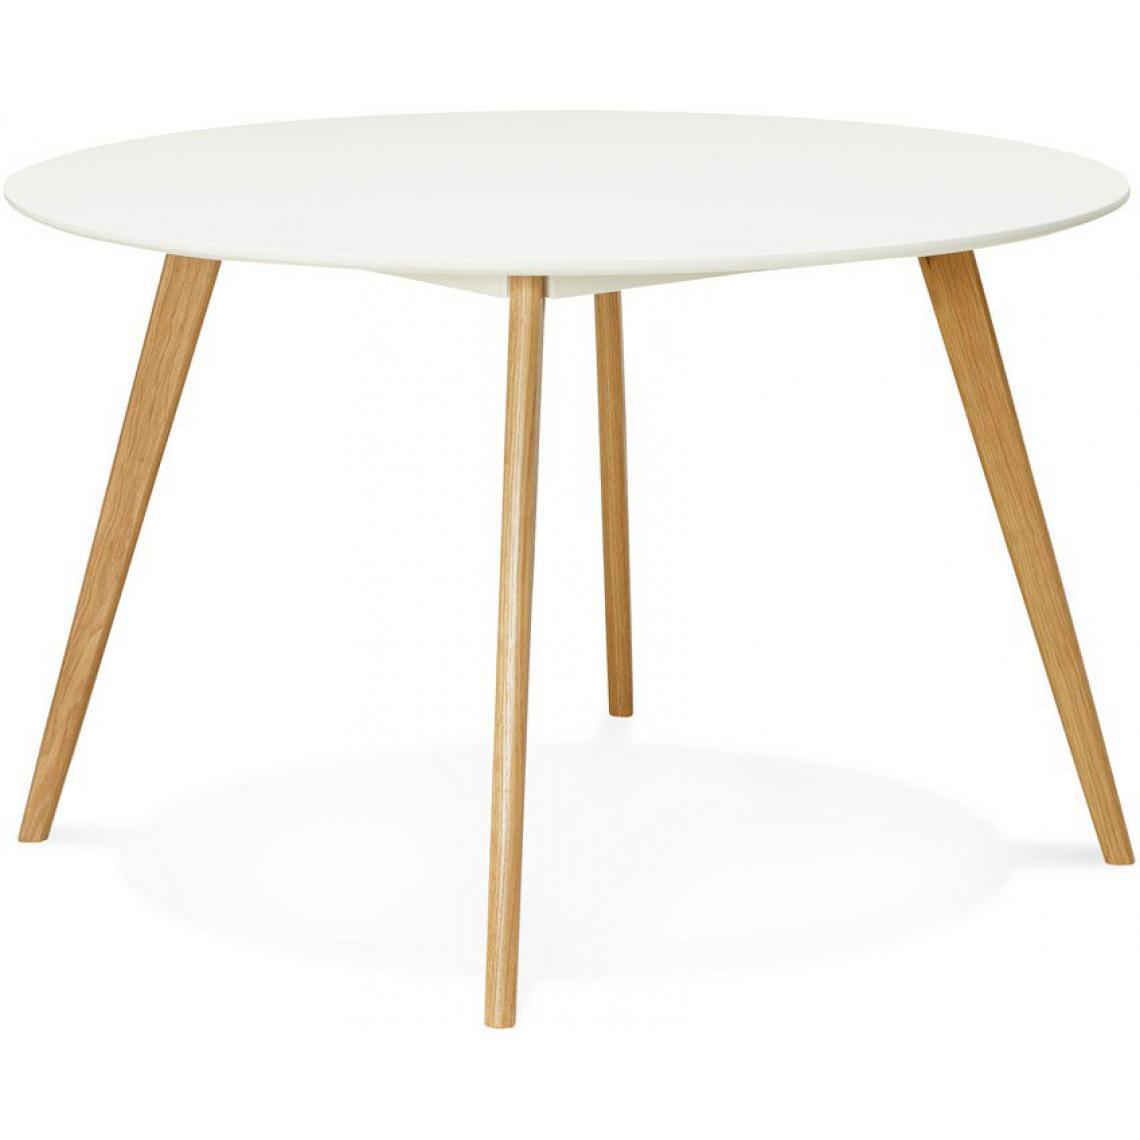 Table Blanche Pied Bois table à manger ronde blanche pieds bois zoeper plus de détails